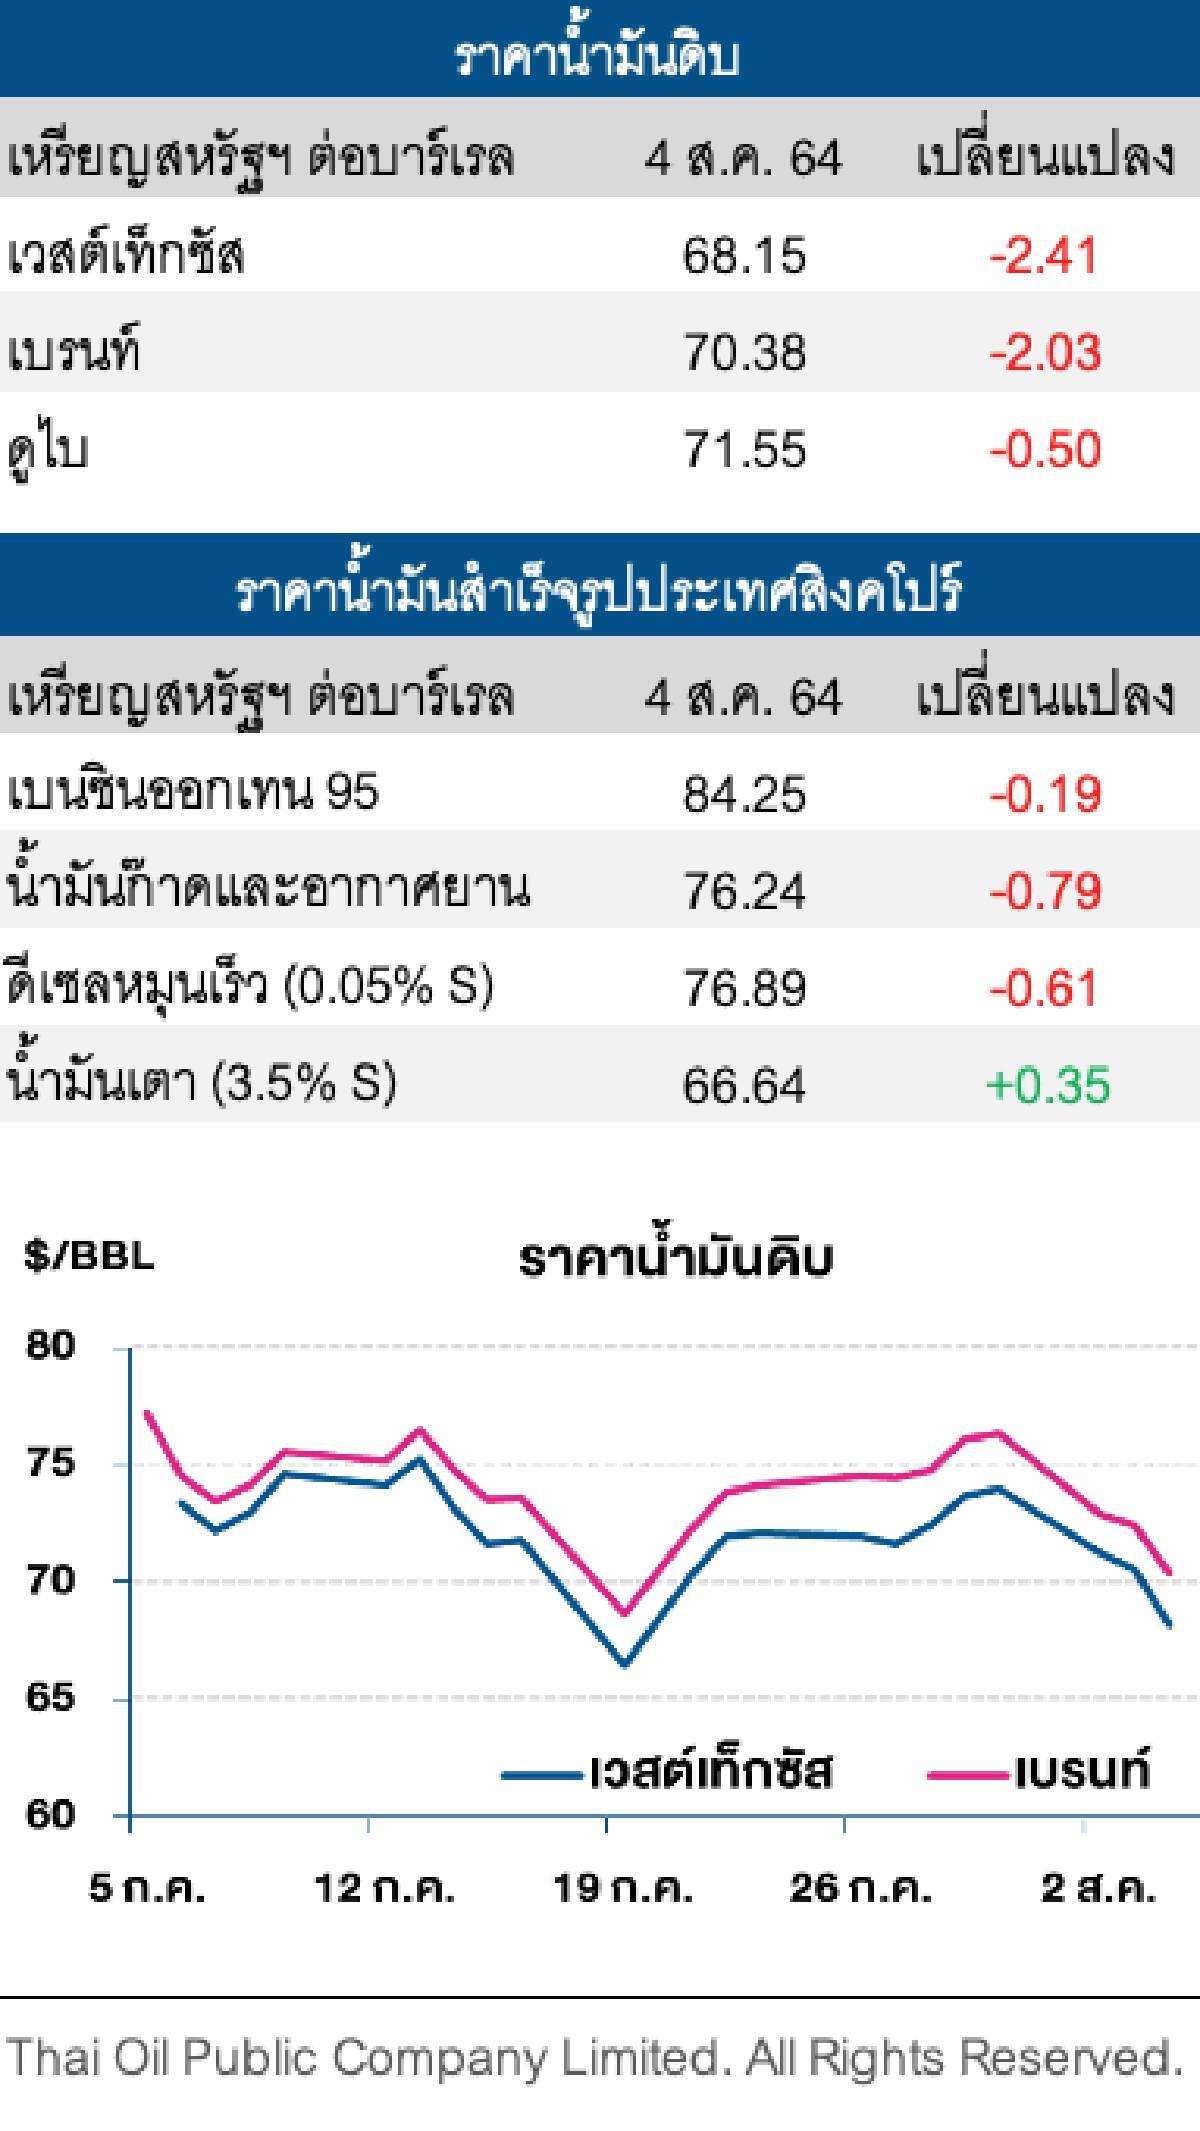 ราคาน้ำมันดิบปรับลดลงแตะระดับต่ำสุดในรอบ 2 สัปดาห์